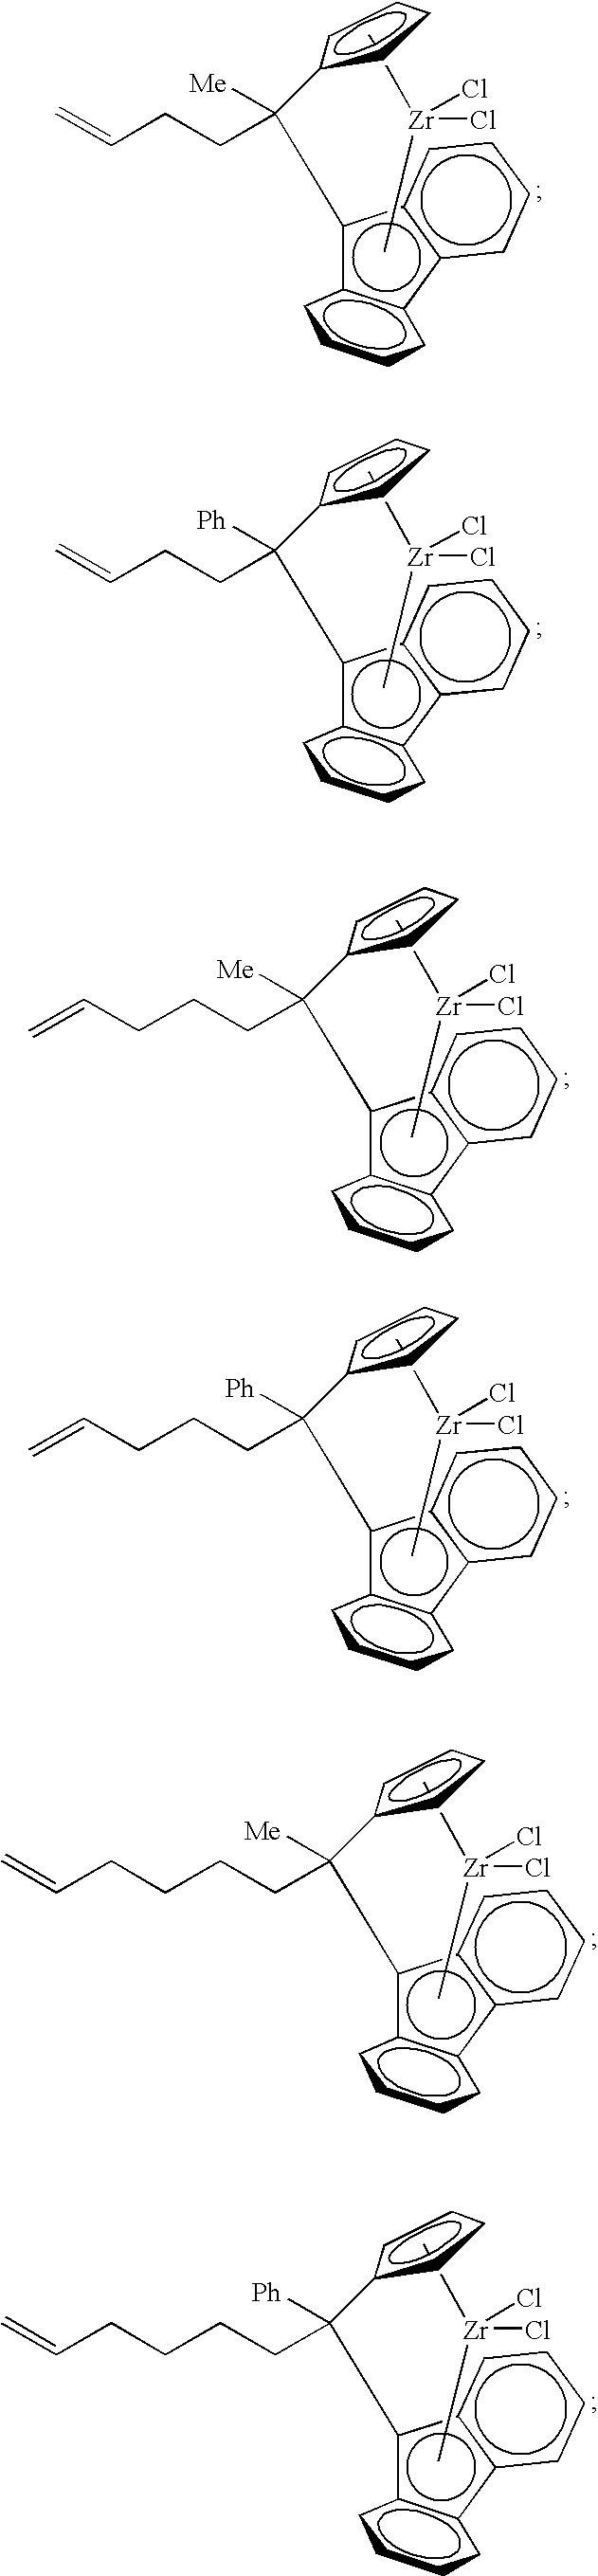 Figure US07226886-20070605-C00013